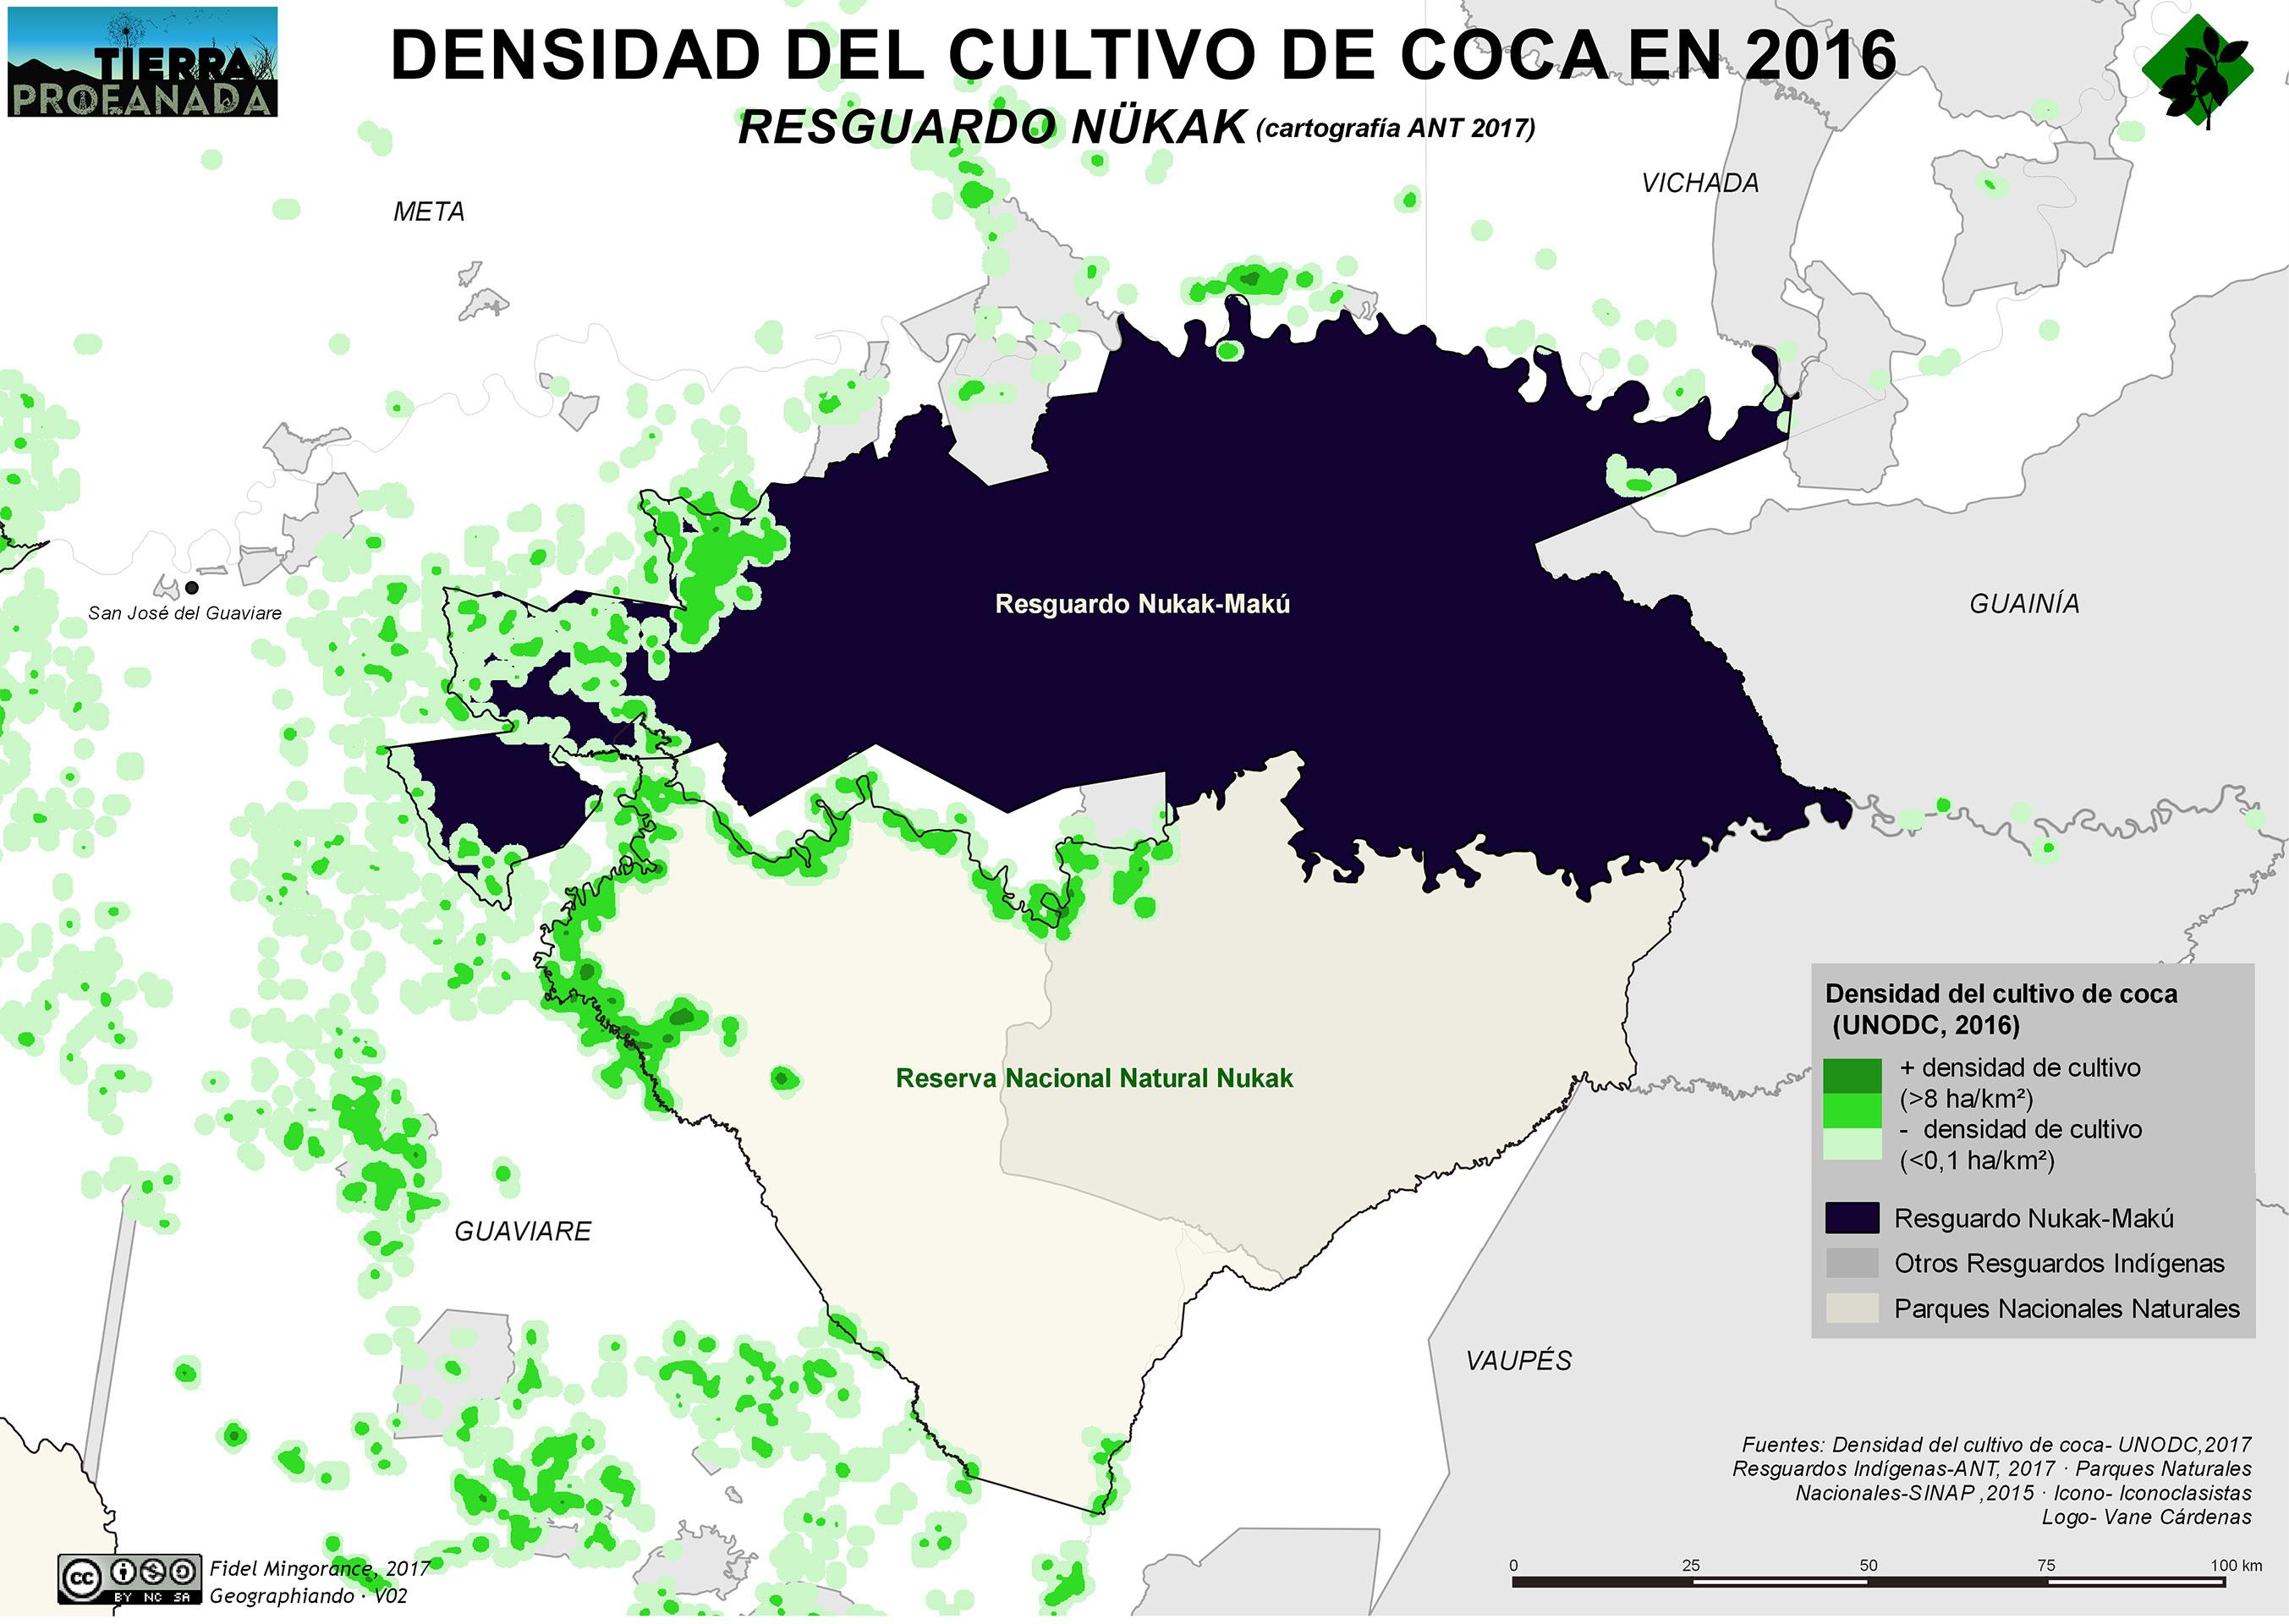 densidad cultivo coca en resguardo nukak 2016